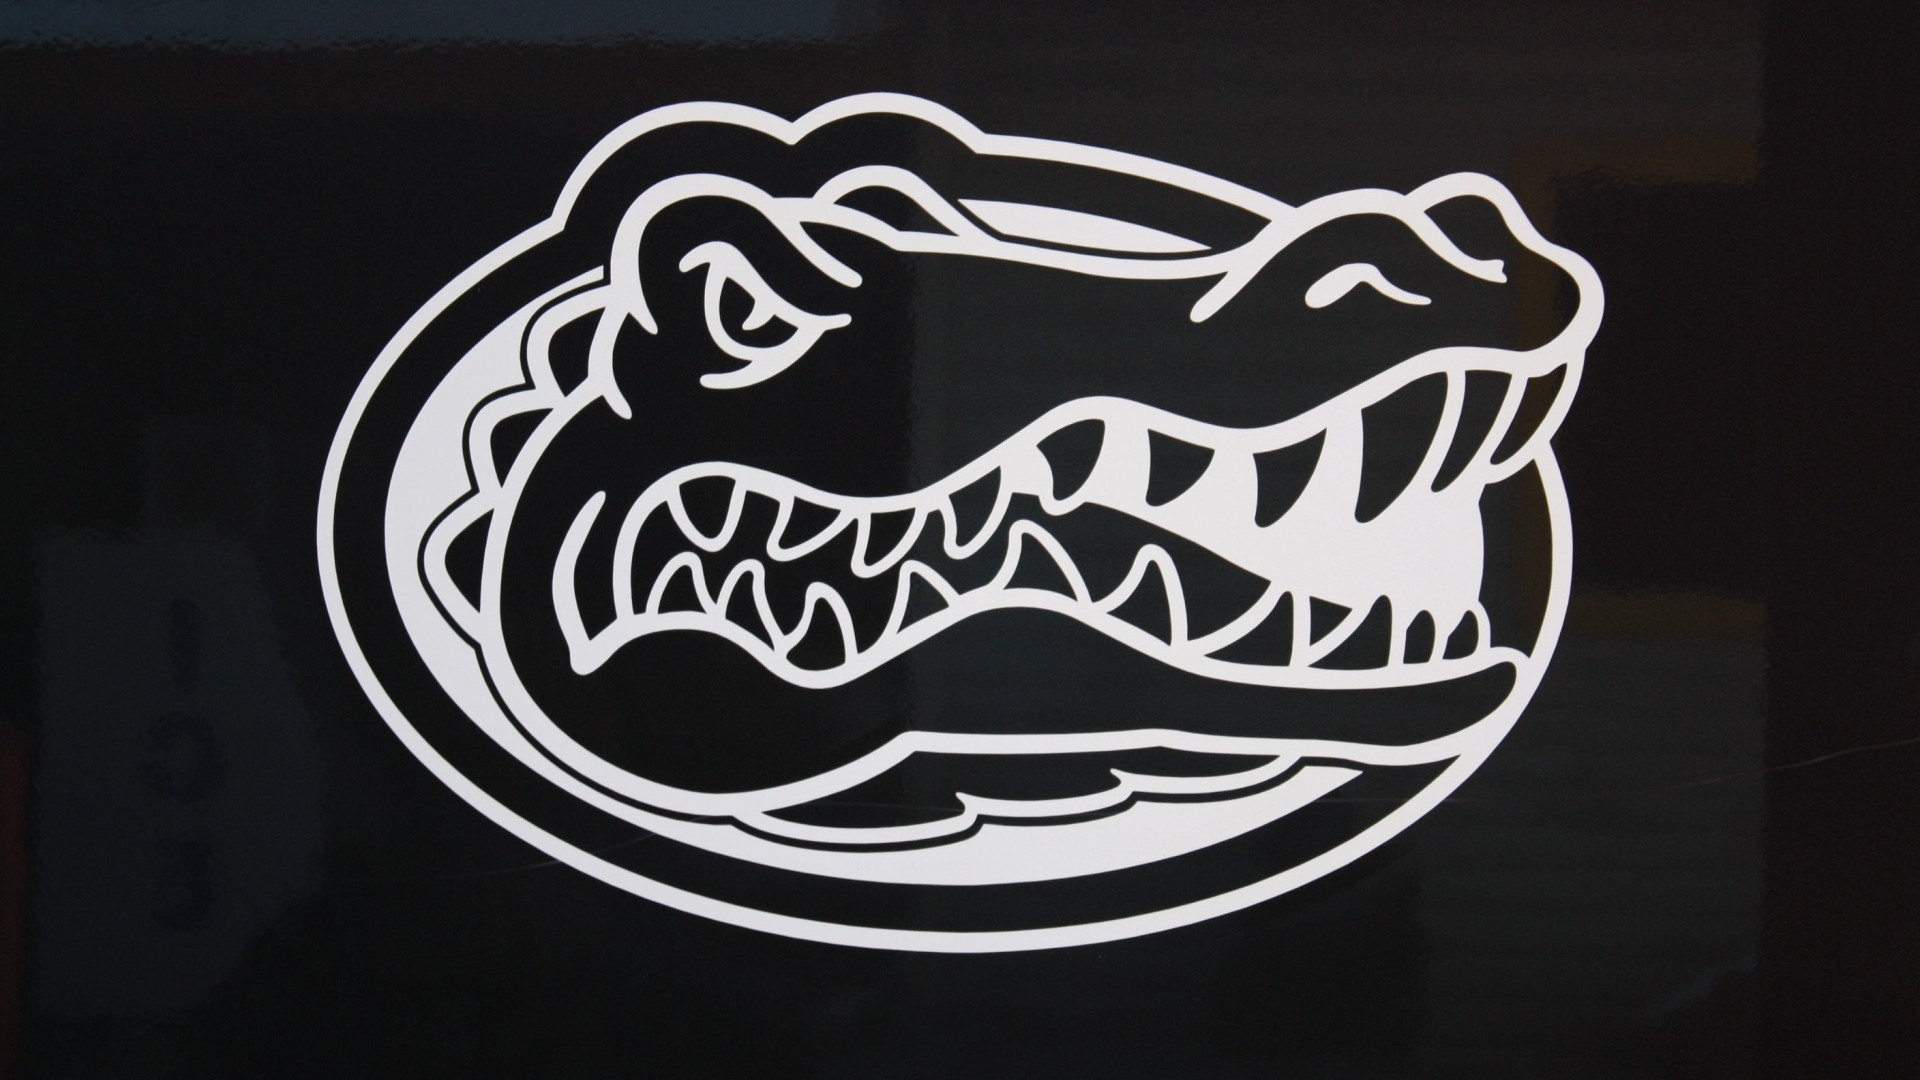 Florida Gators a wallpaper